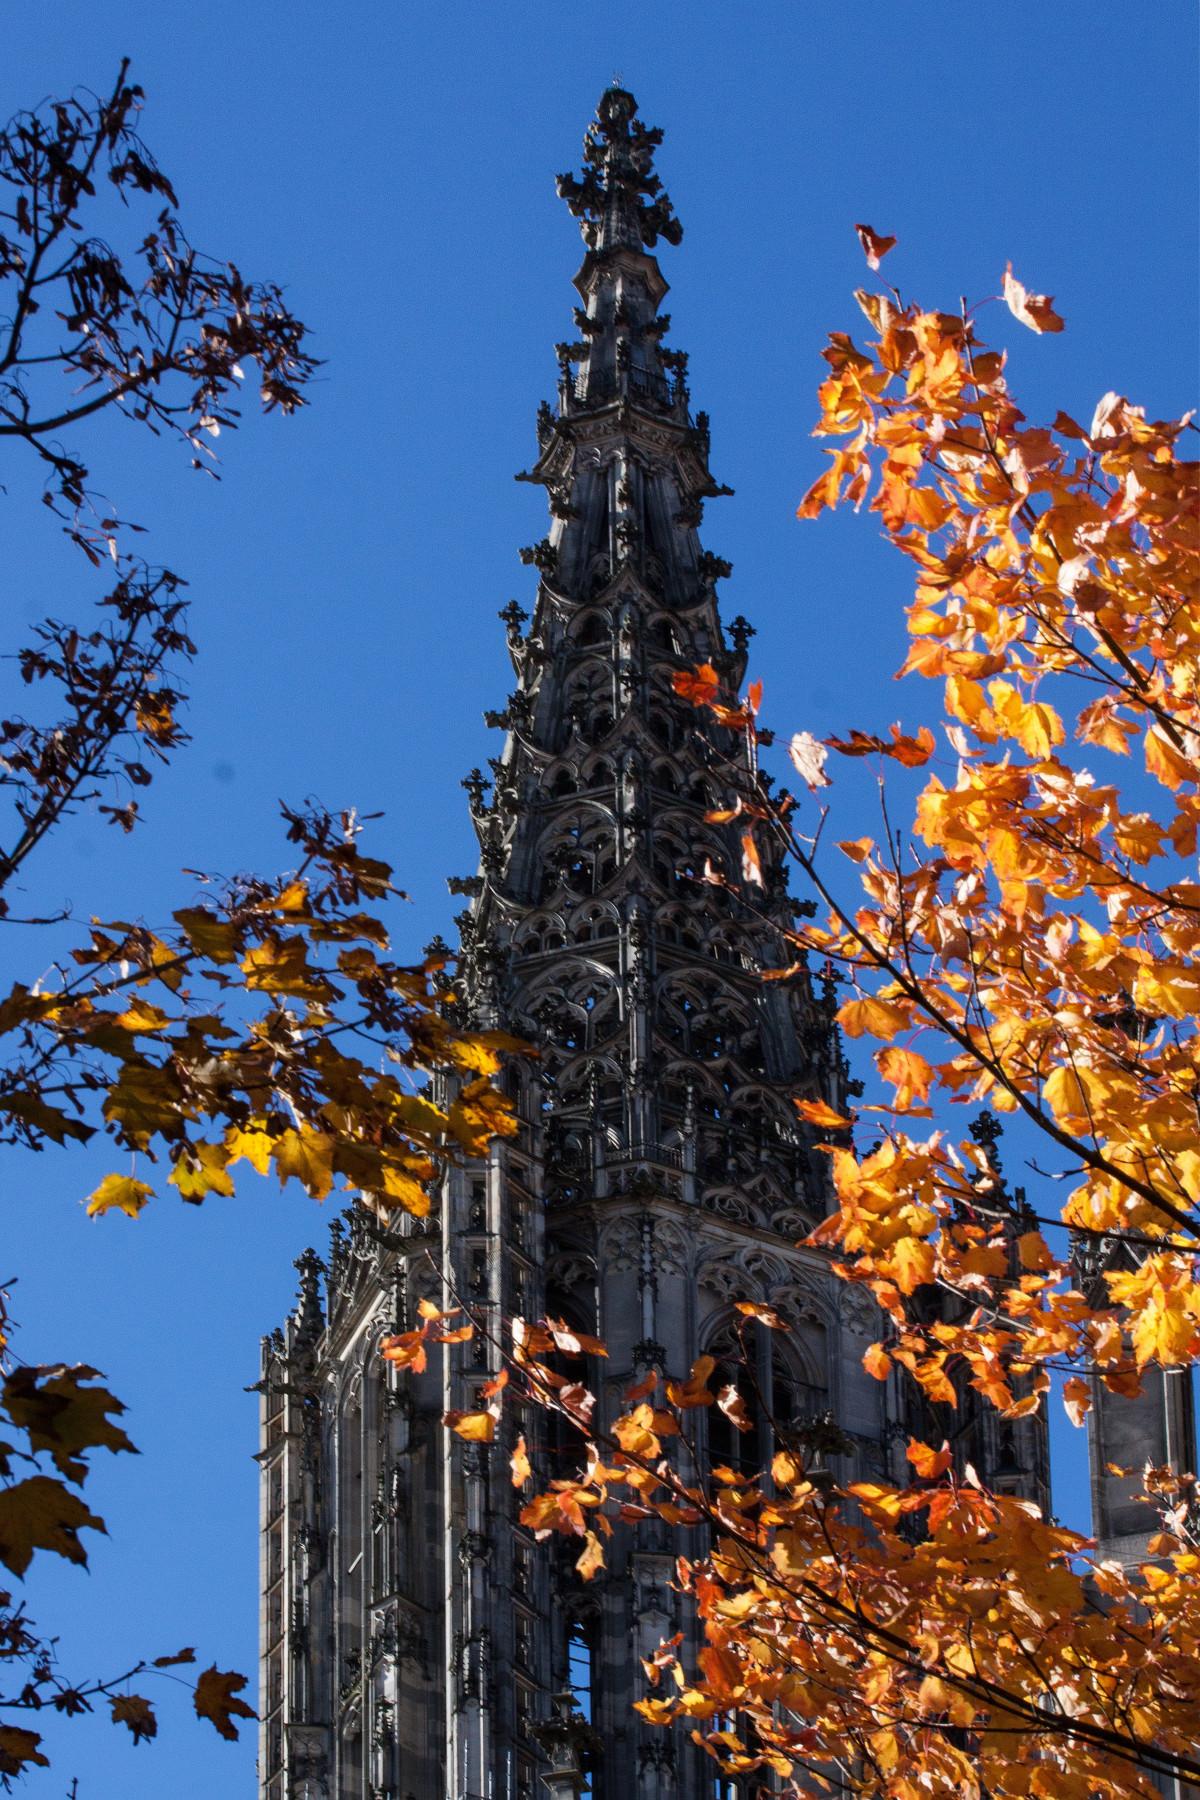 Images Gratuites : nuage, bâtiment, la tour, point de ...